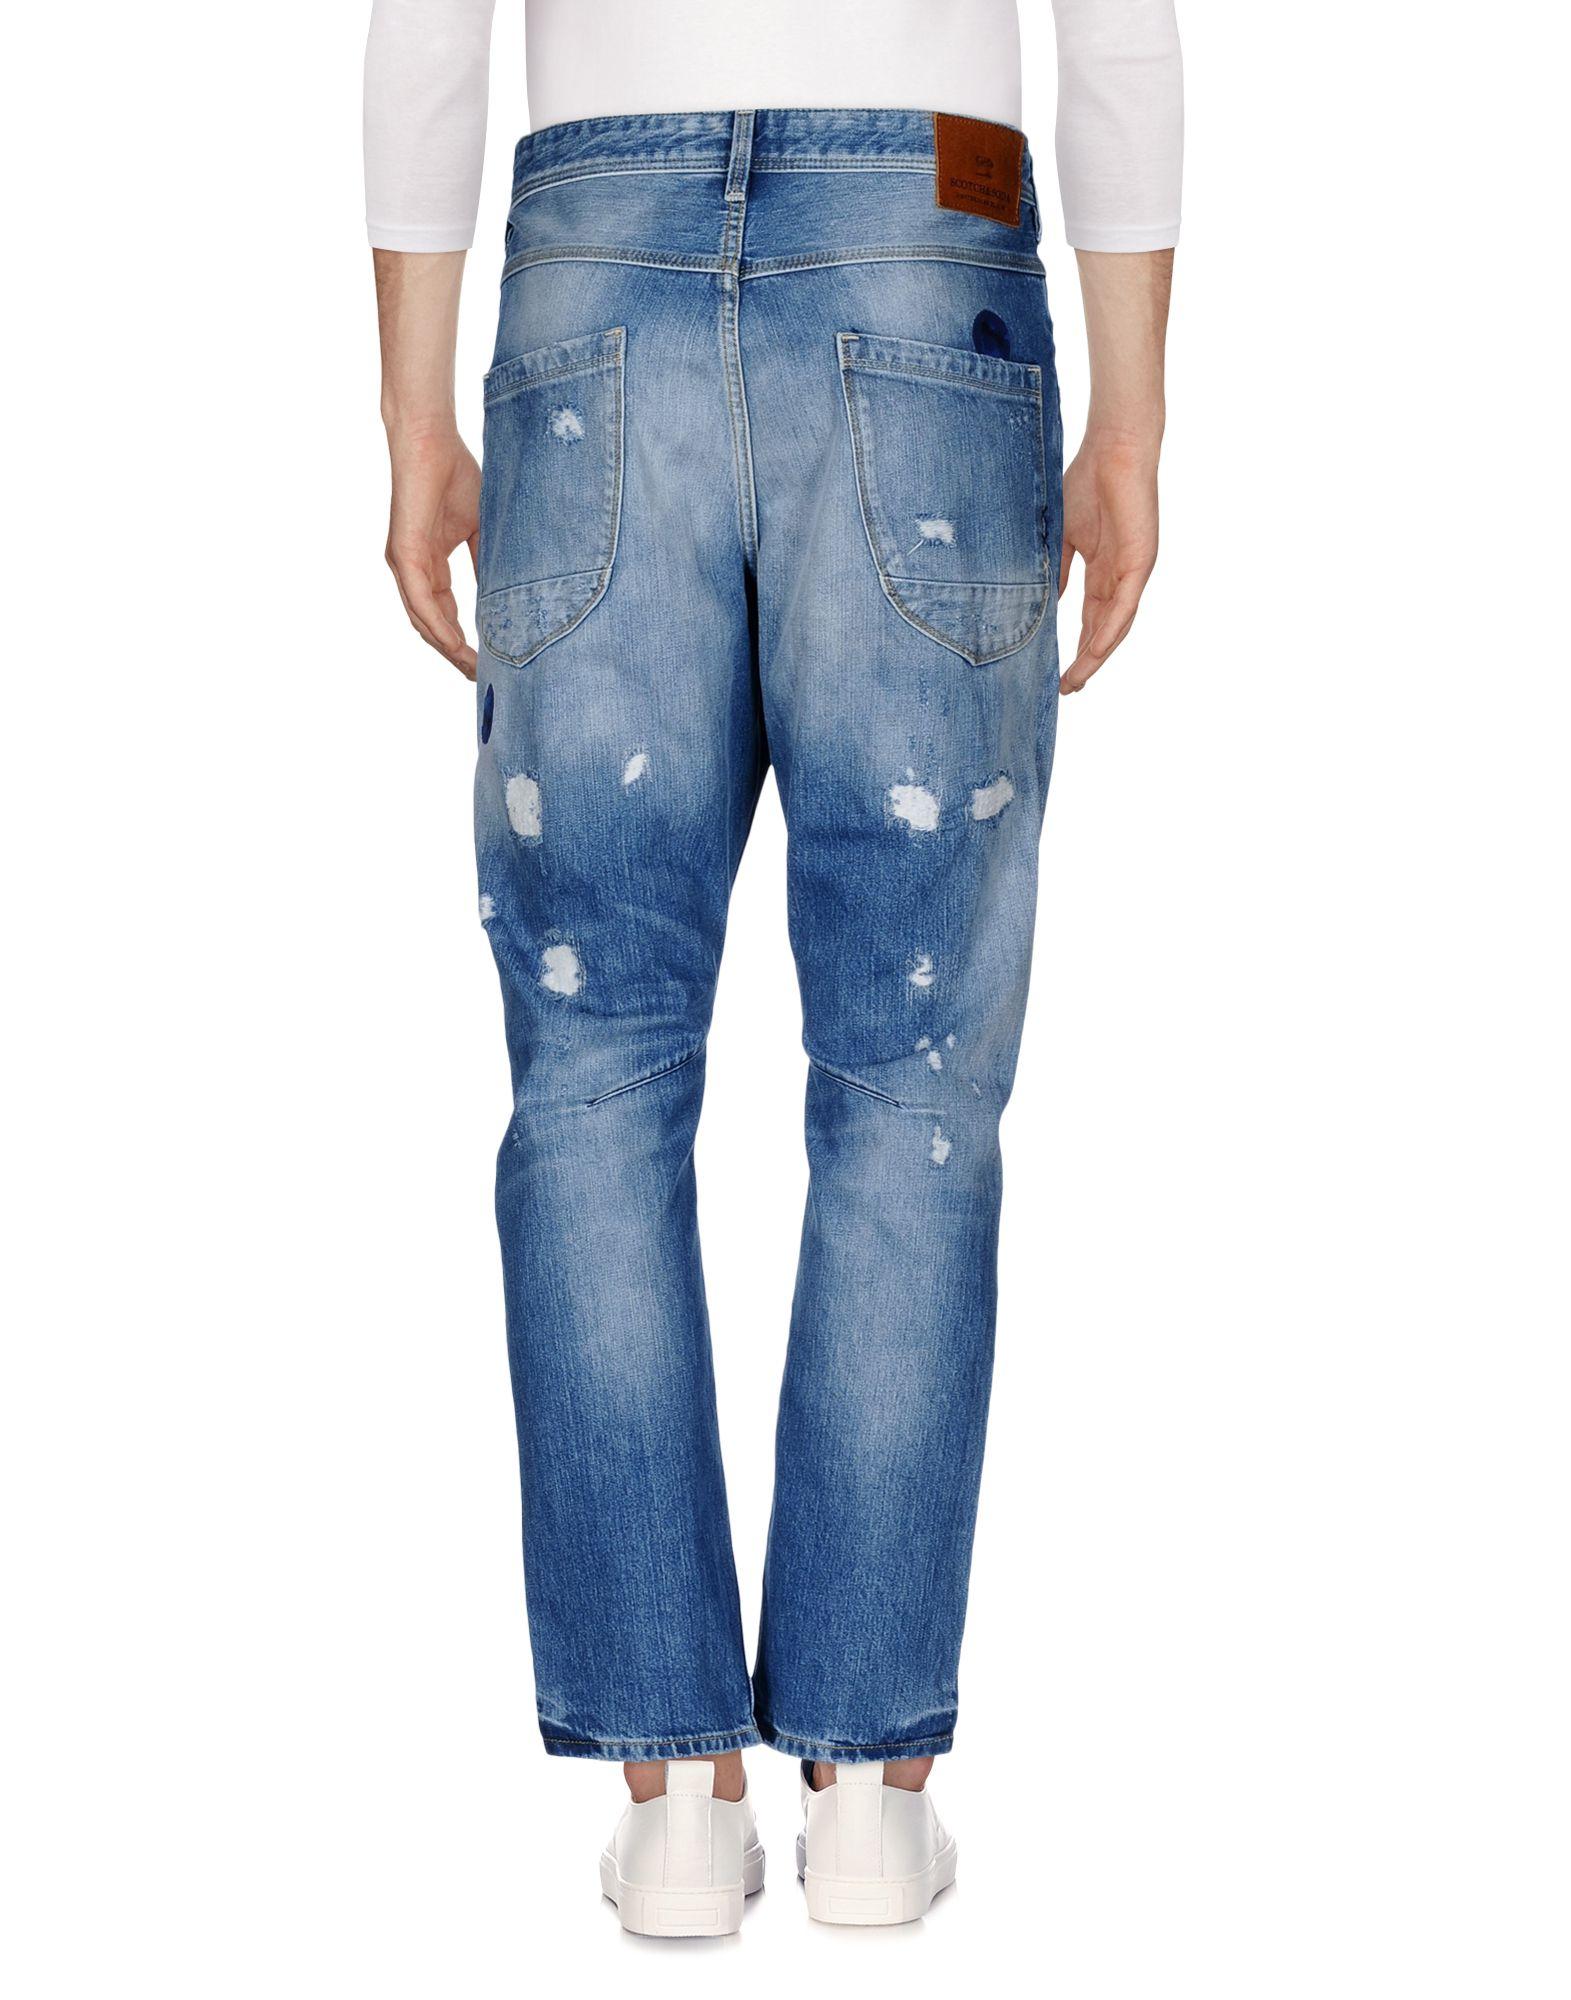 Pantaloni Jeans Scotch Scotch Scotch & Soda Uomo - 42645763VN edd999